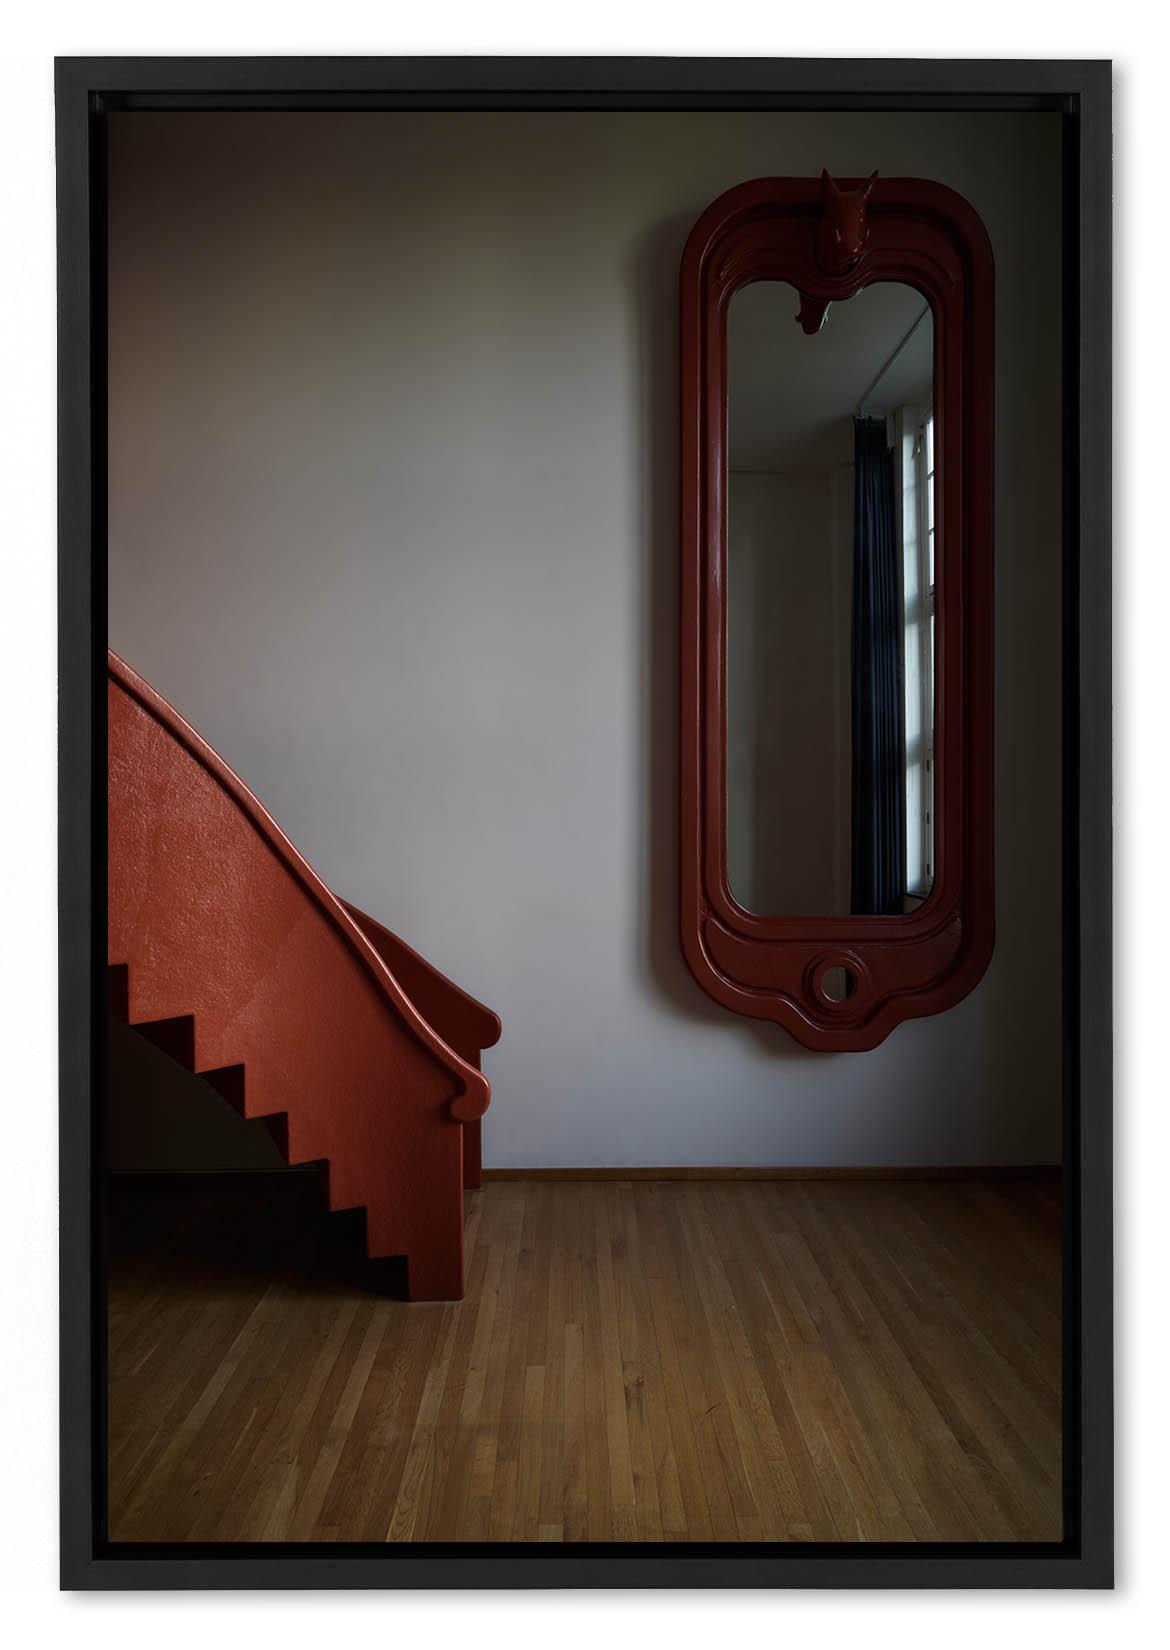 113_frame_1170